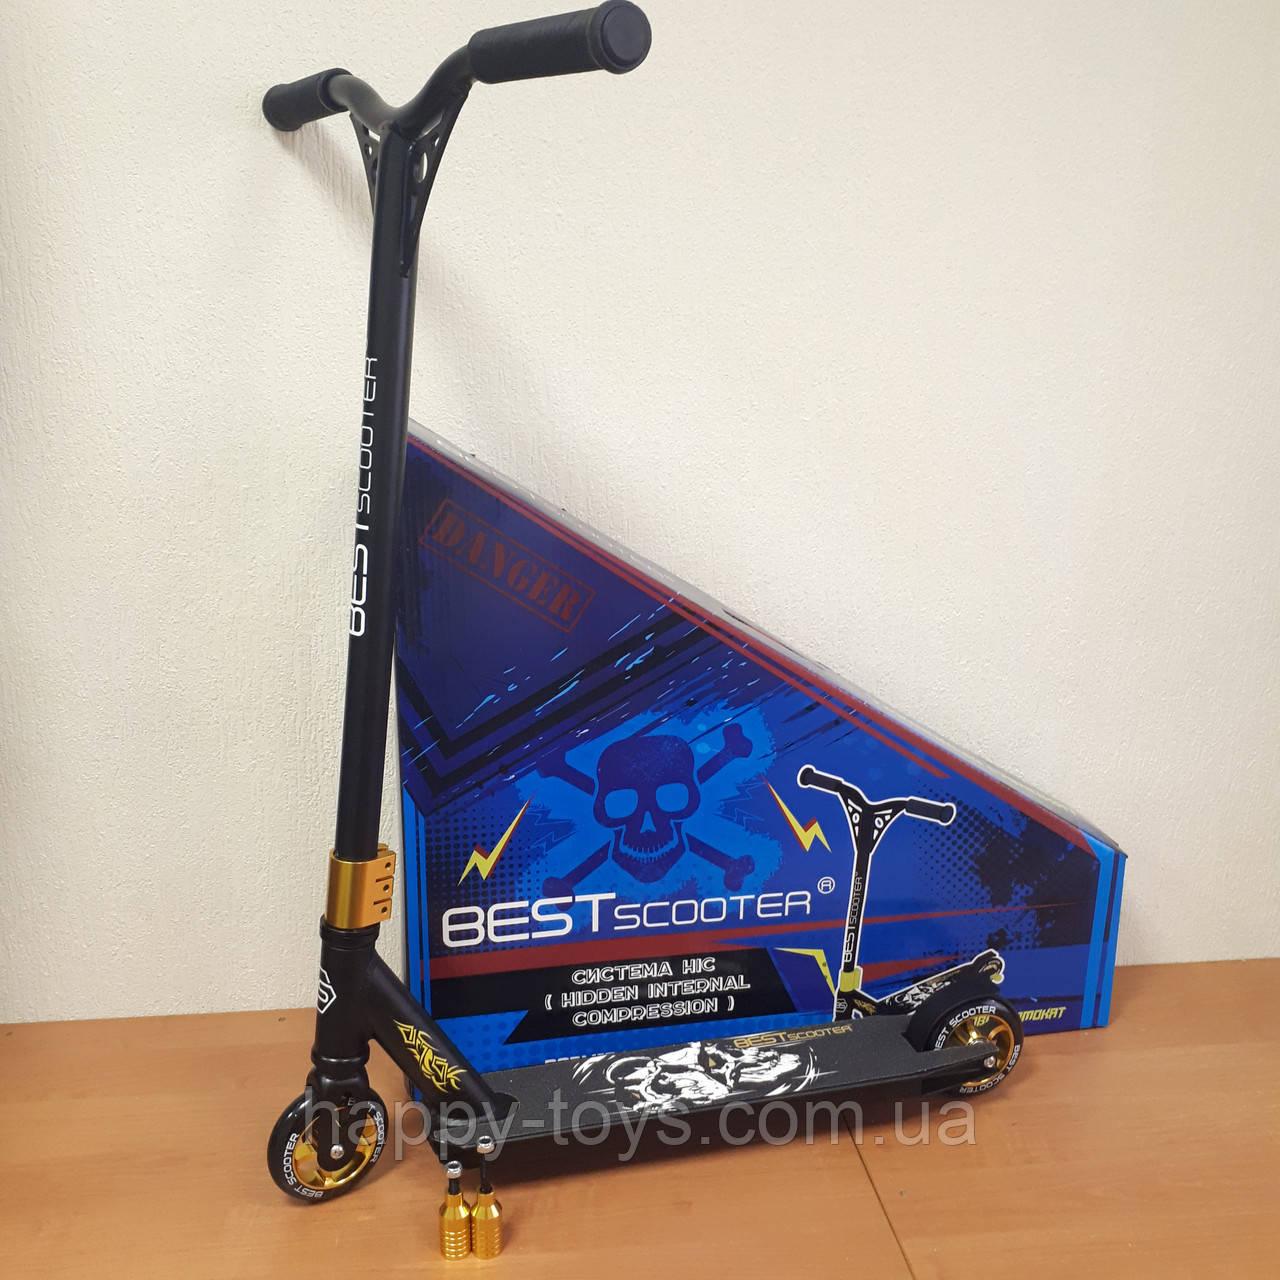 Самокат трюковой с Пегами Золотой Best Scooter, HIC-система, алюминиевый диск и дека, колеса 10 см